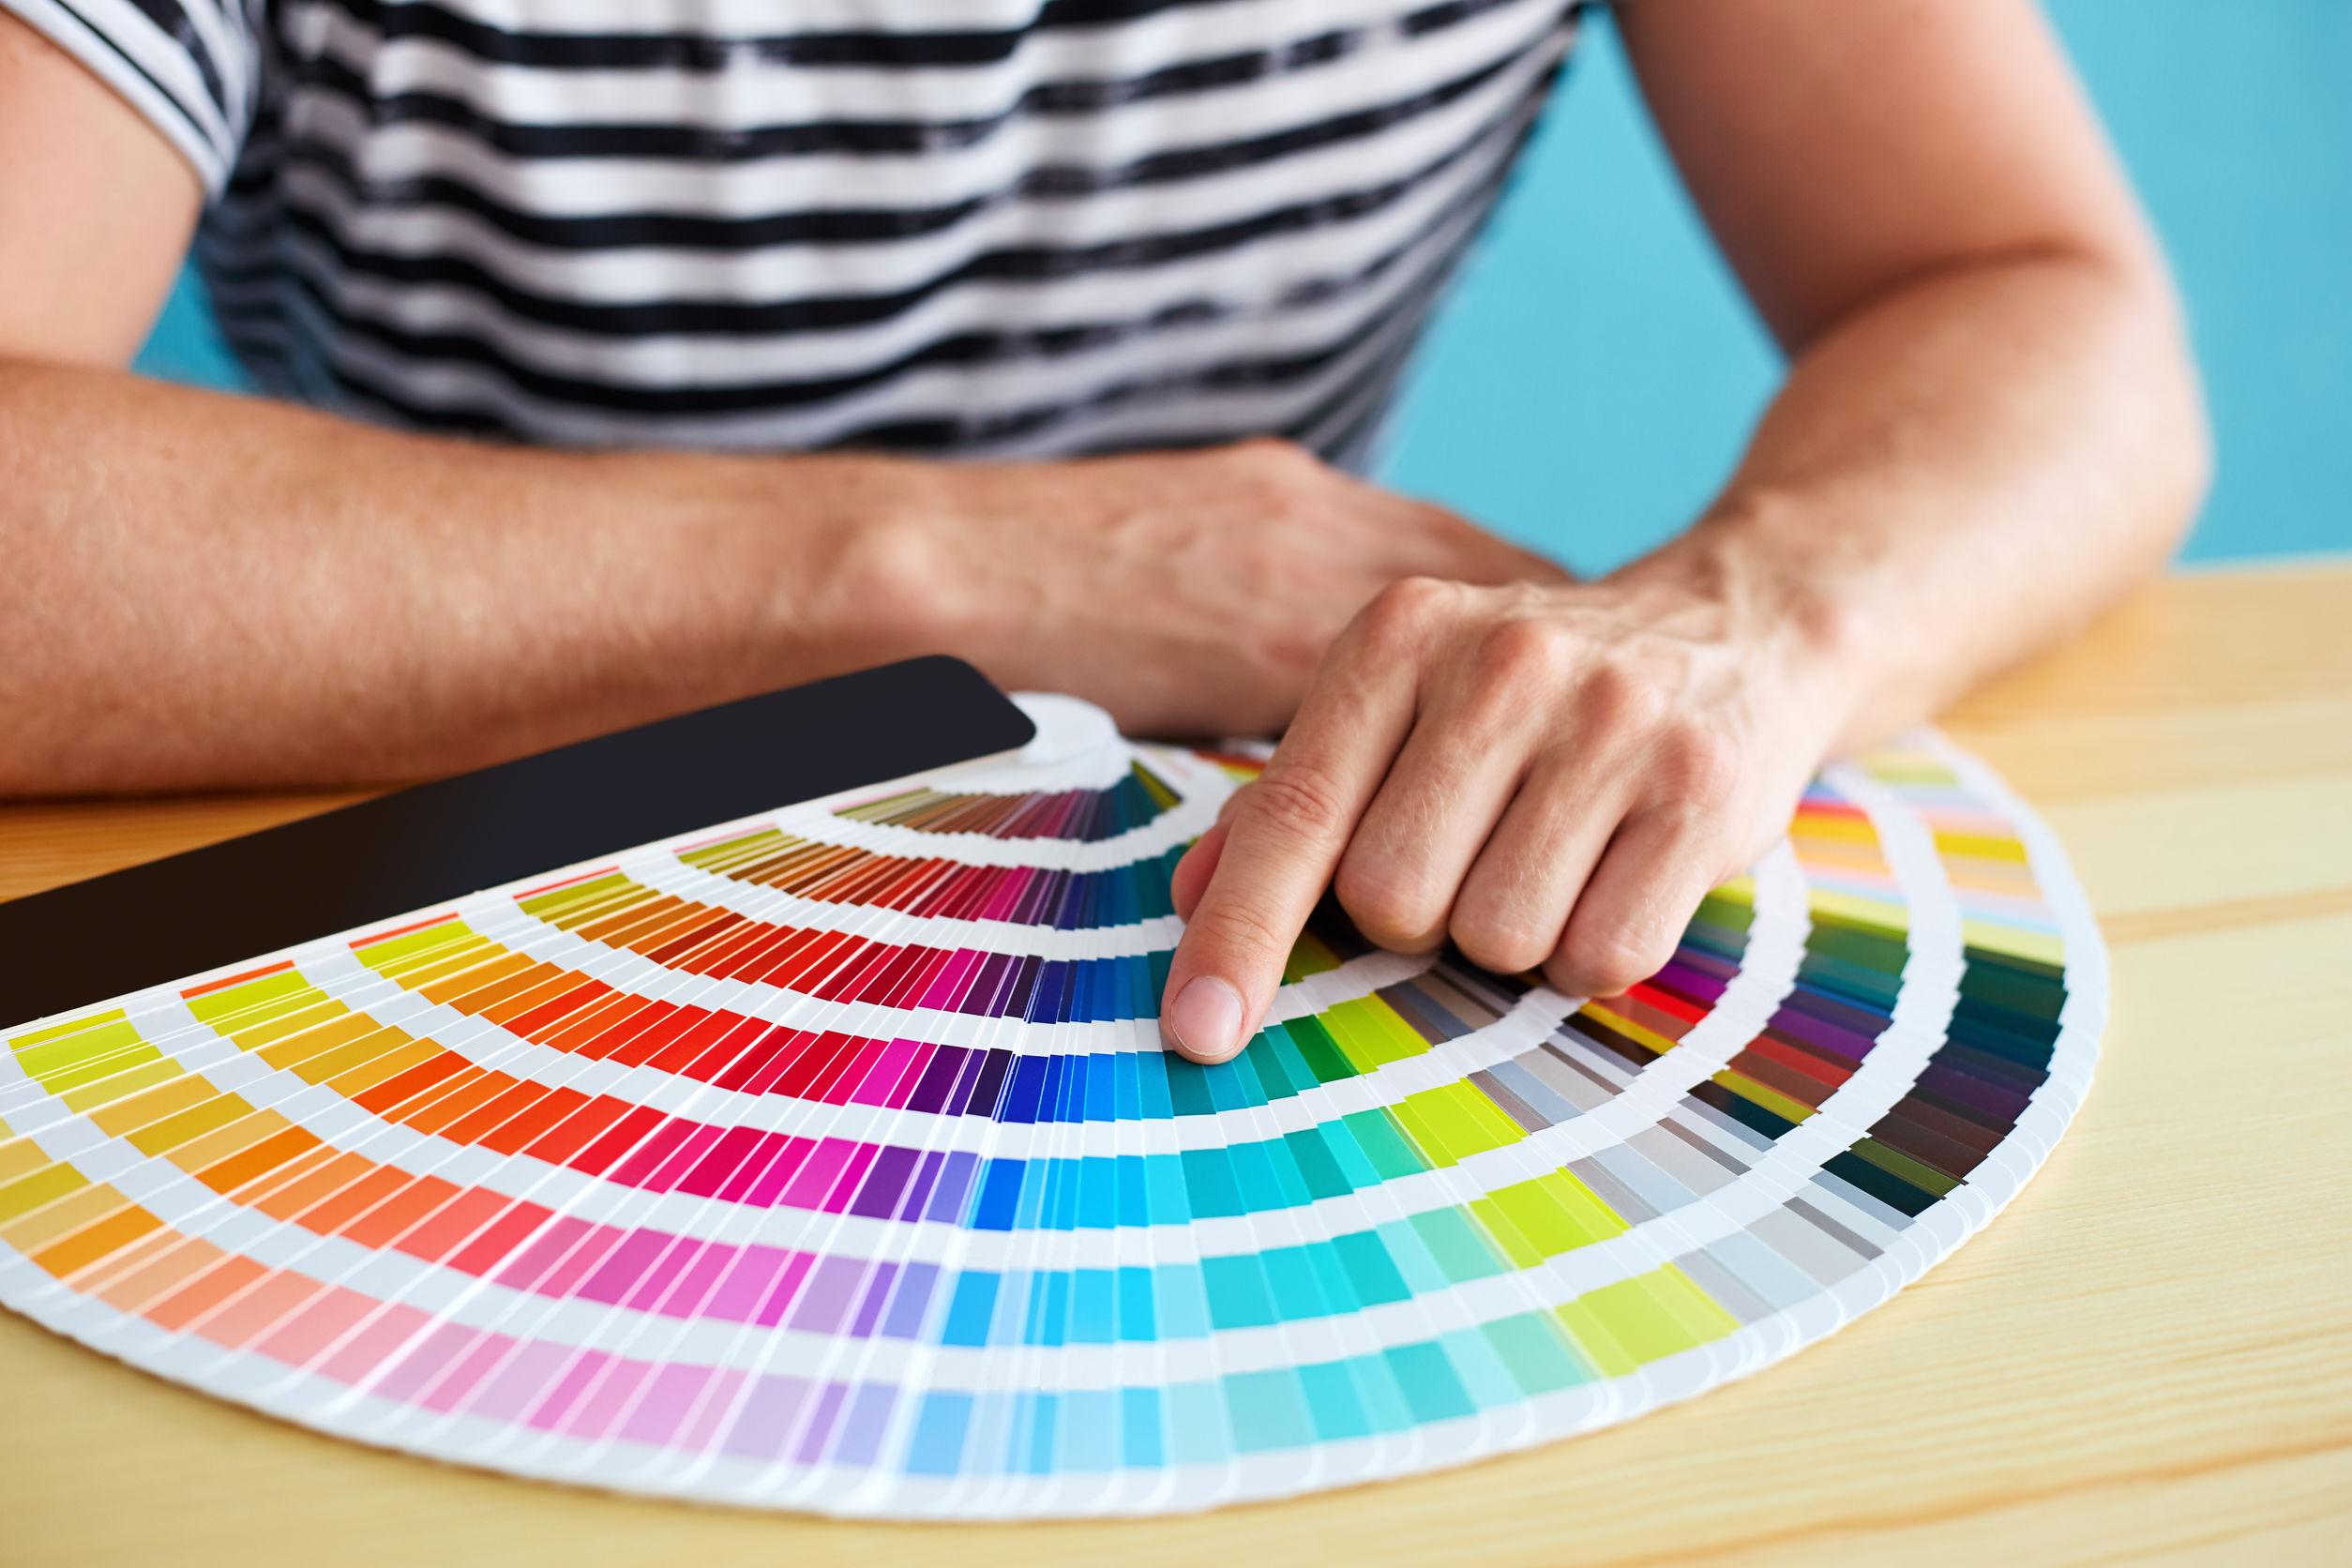 Choosing Office Colors